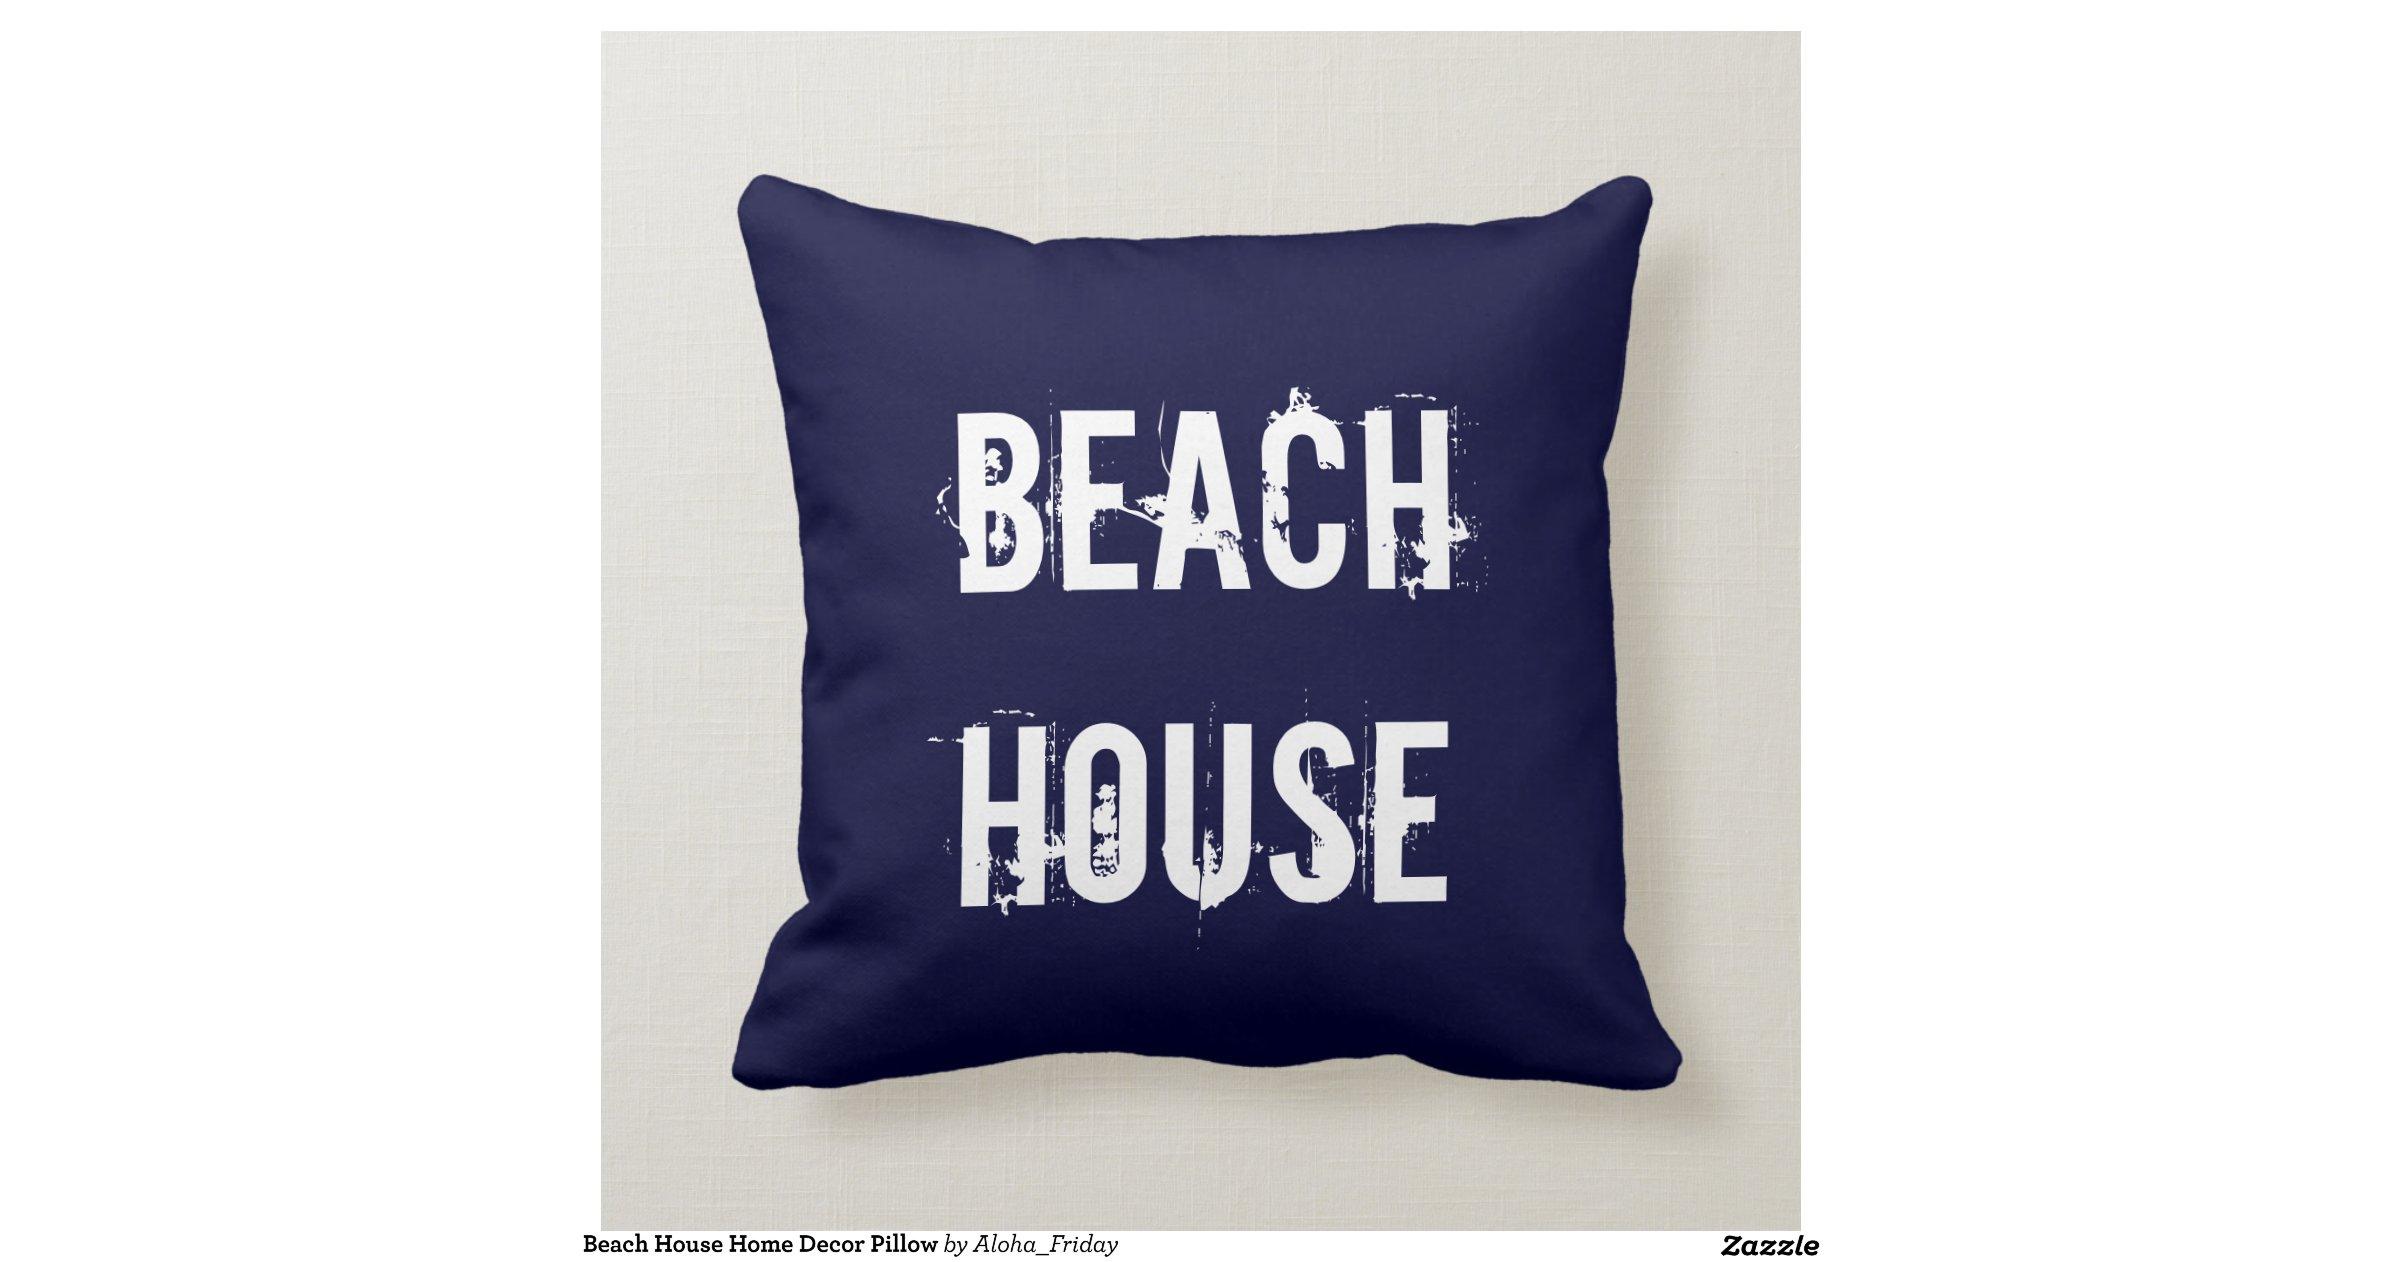 Beach House Home Decor Pillow Throw Cushions Zazzle